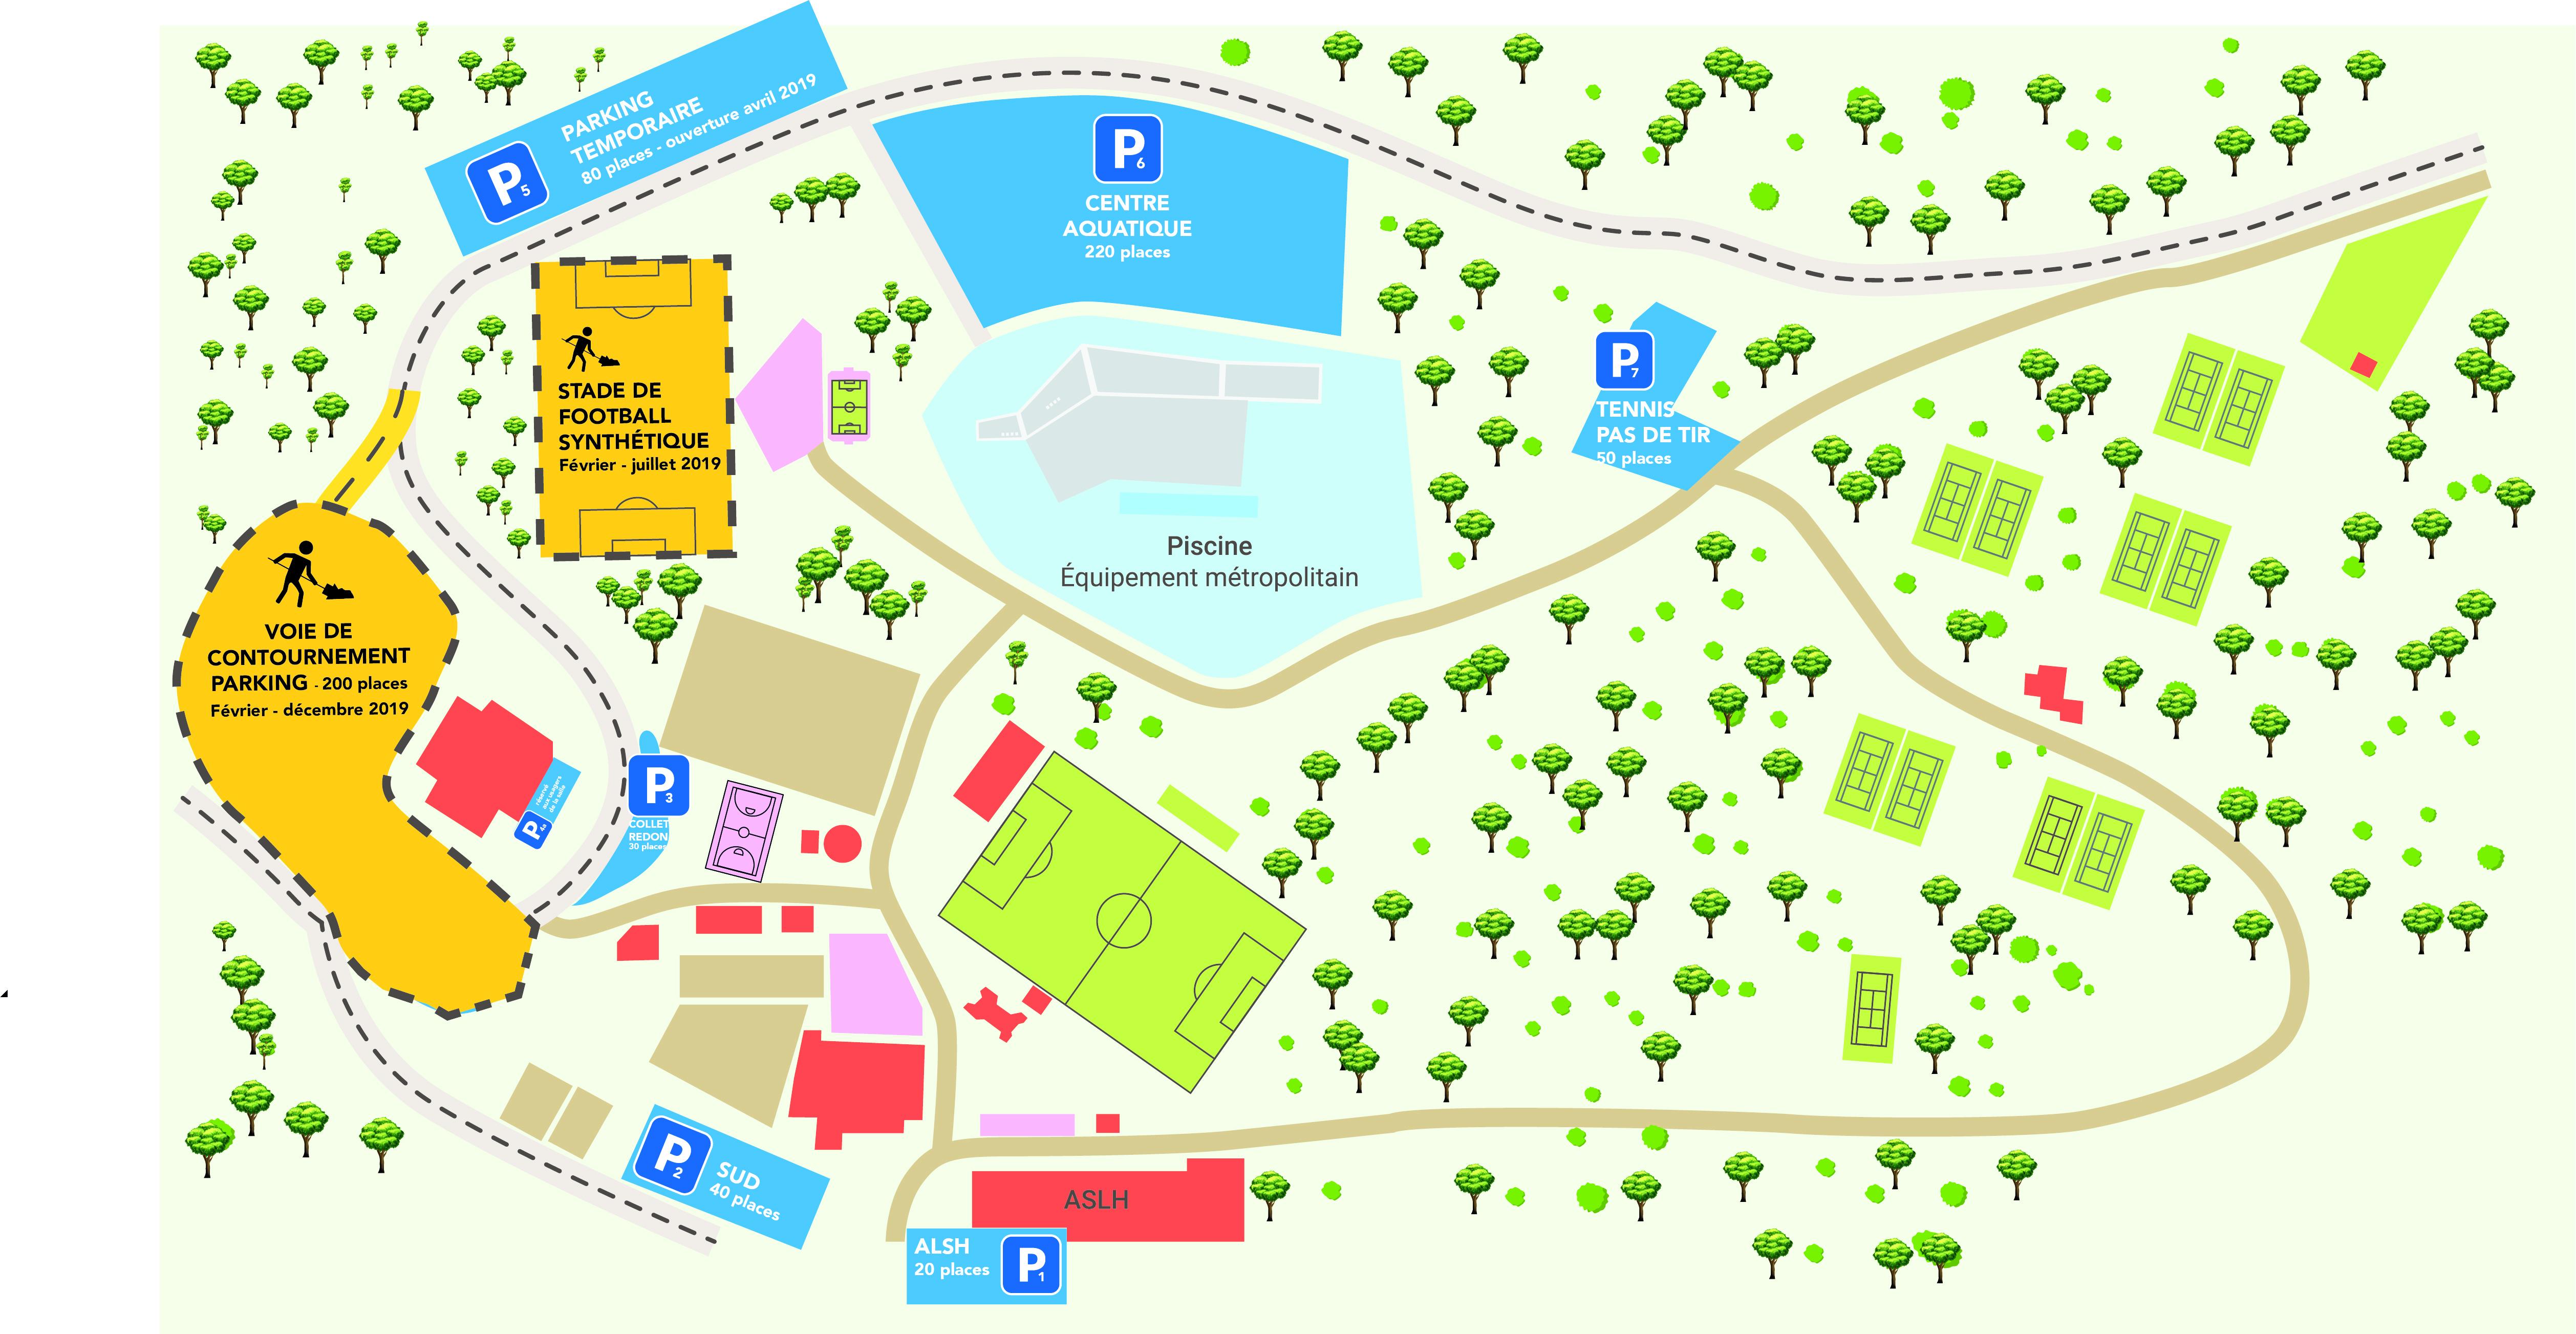 Plan montrant les travaux du Parc des sports et les possibilités de se garer pendant cette période